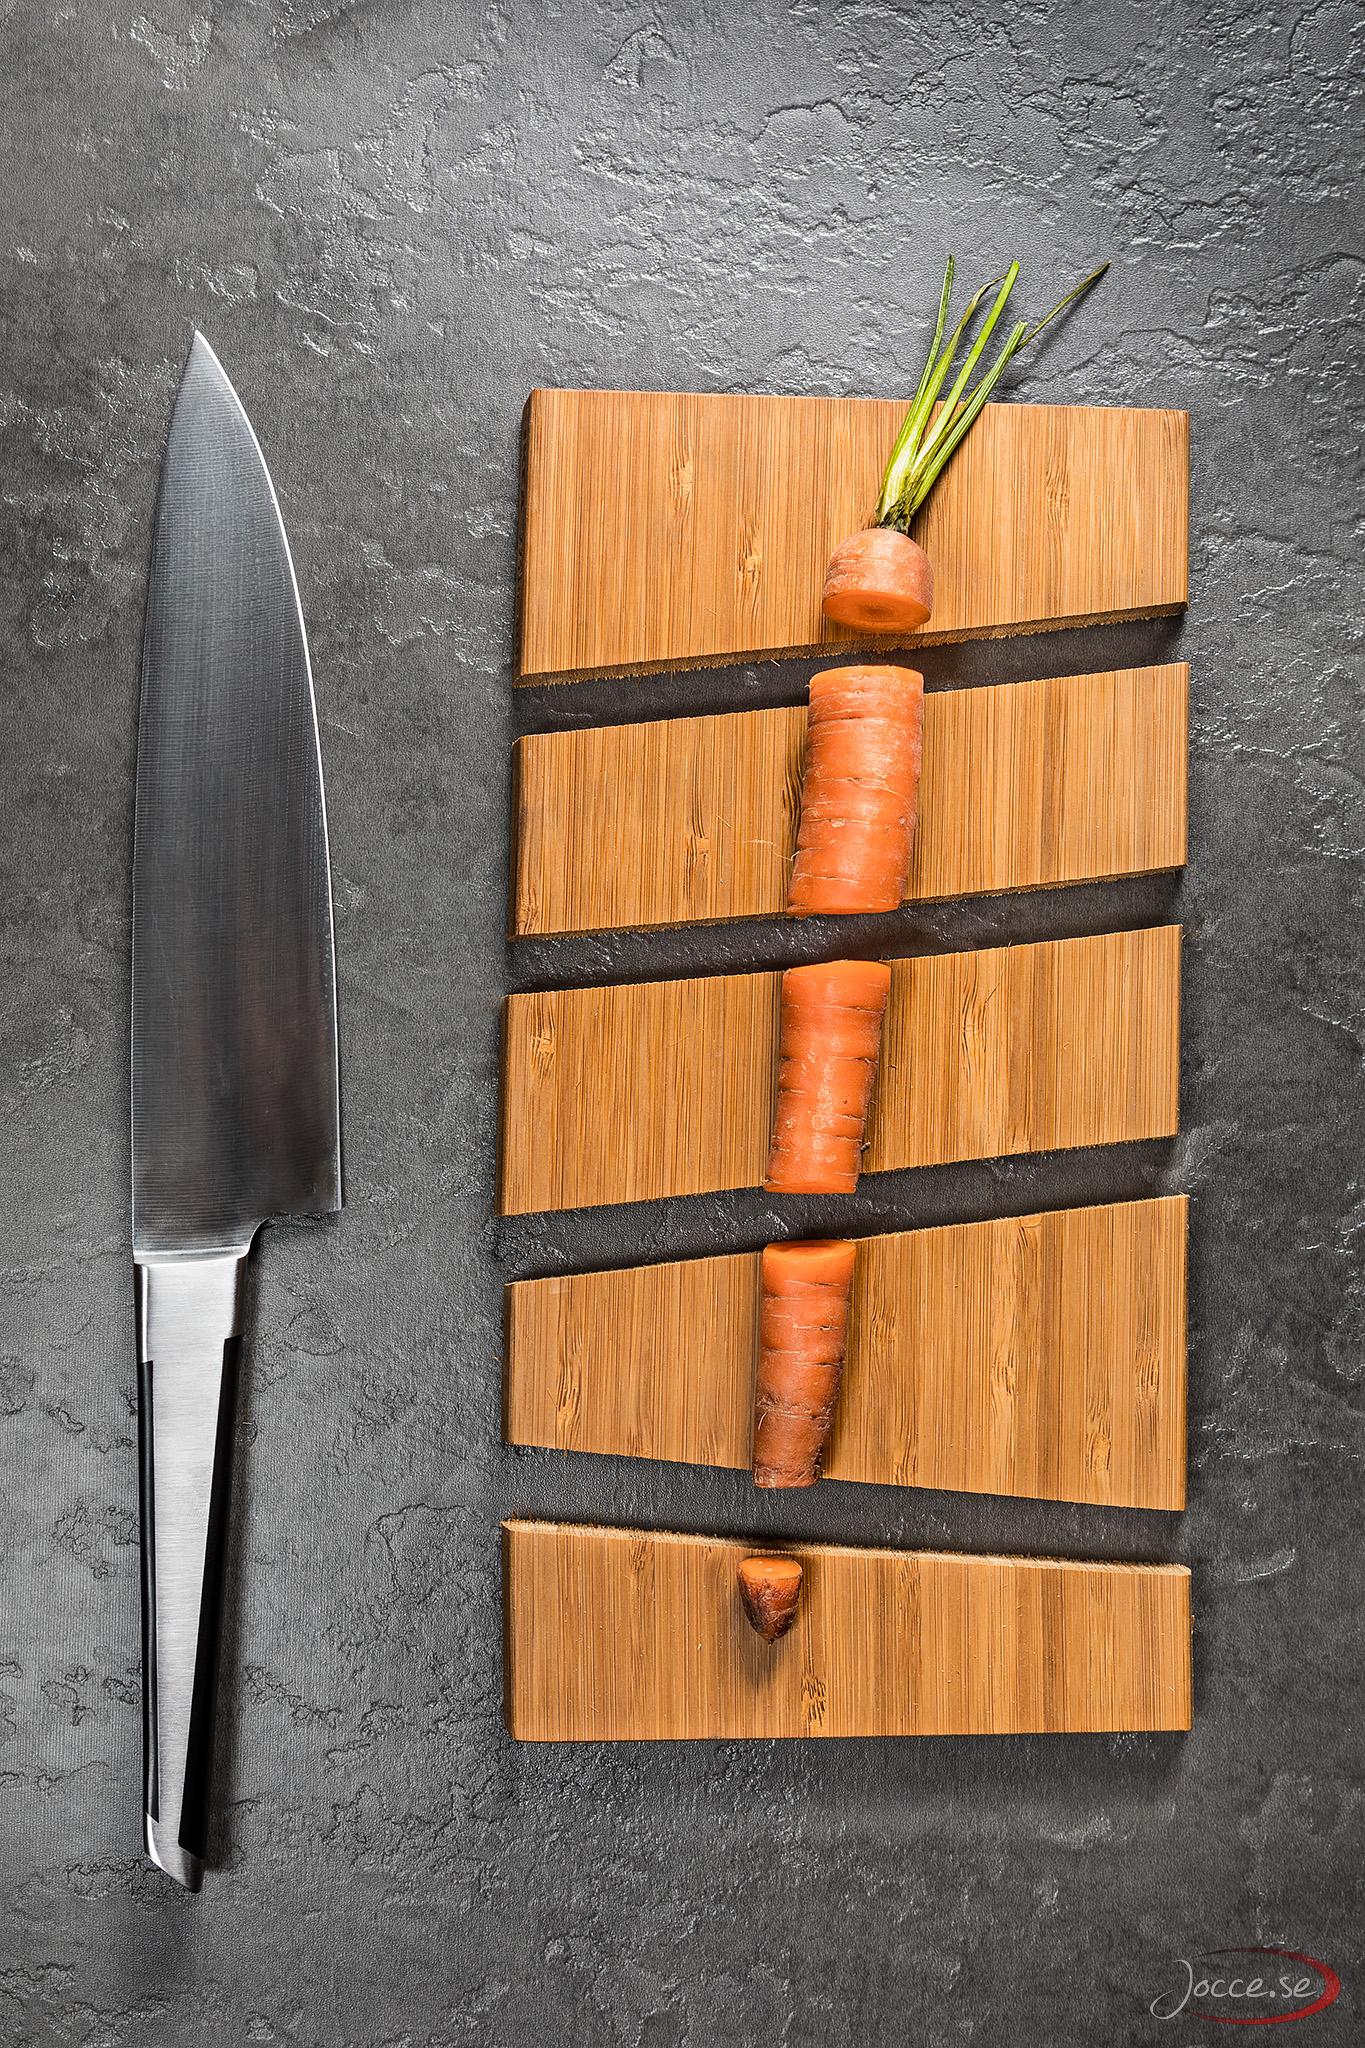 Morot på skärbräda med kniv